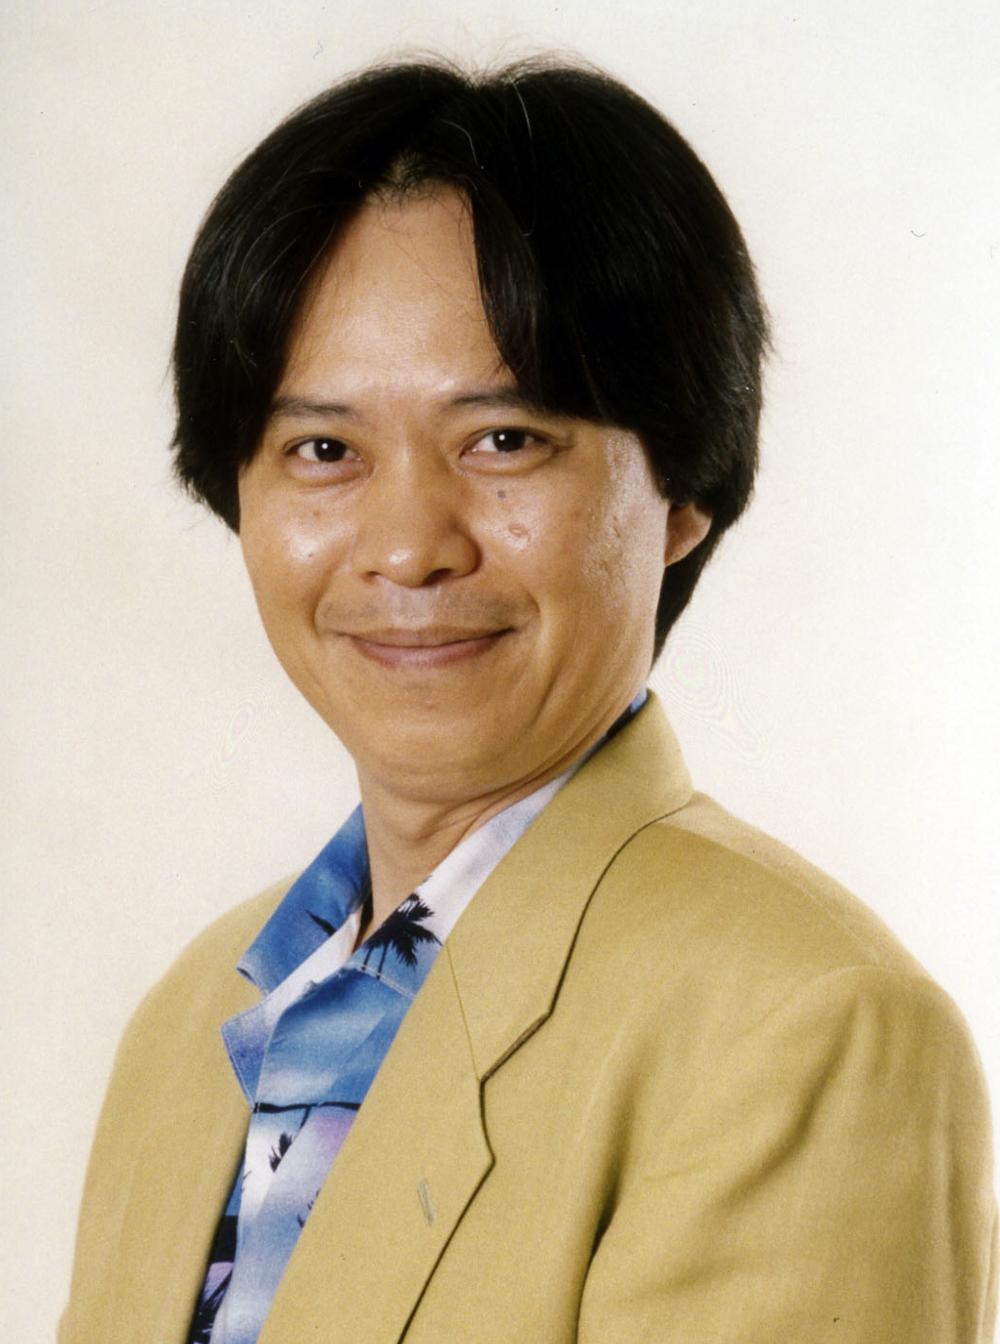 梅津 秀行 - (あ行):株式会社81プロデュース‐声優プロダクション